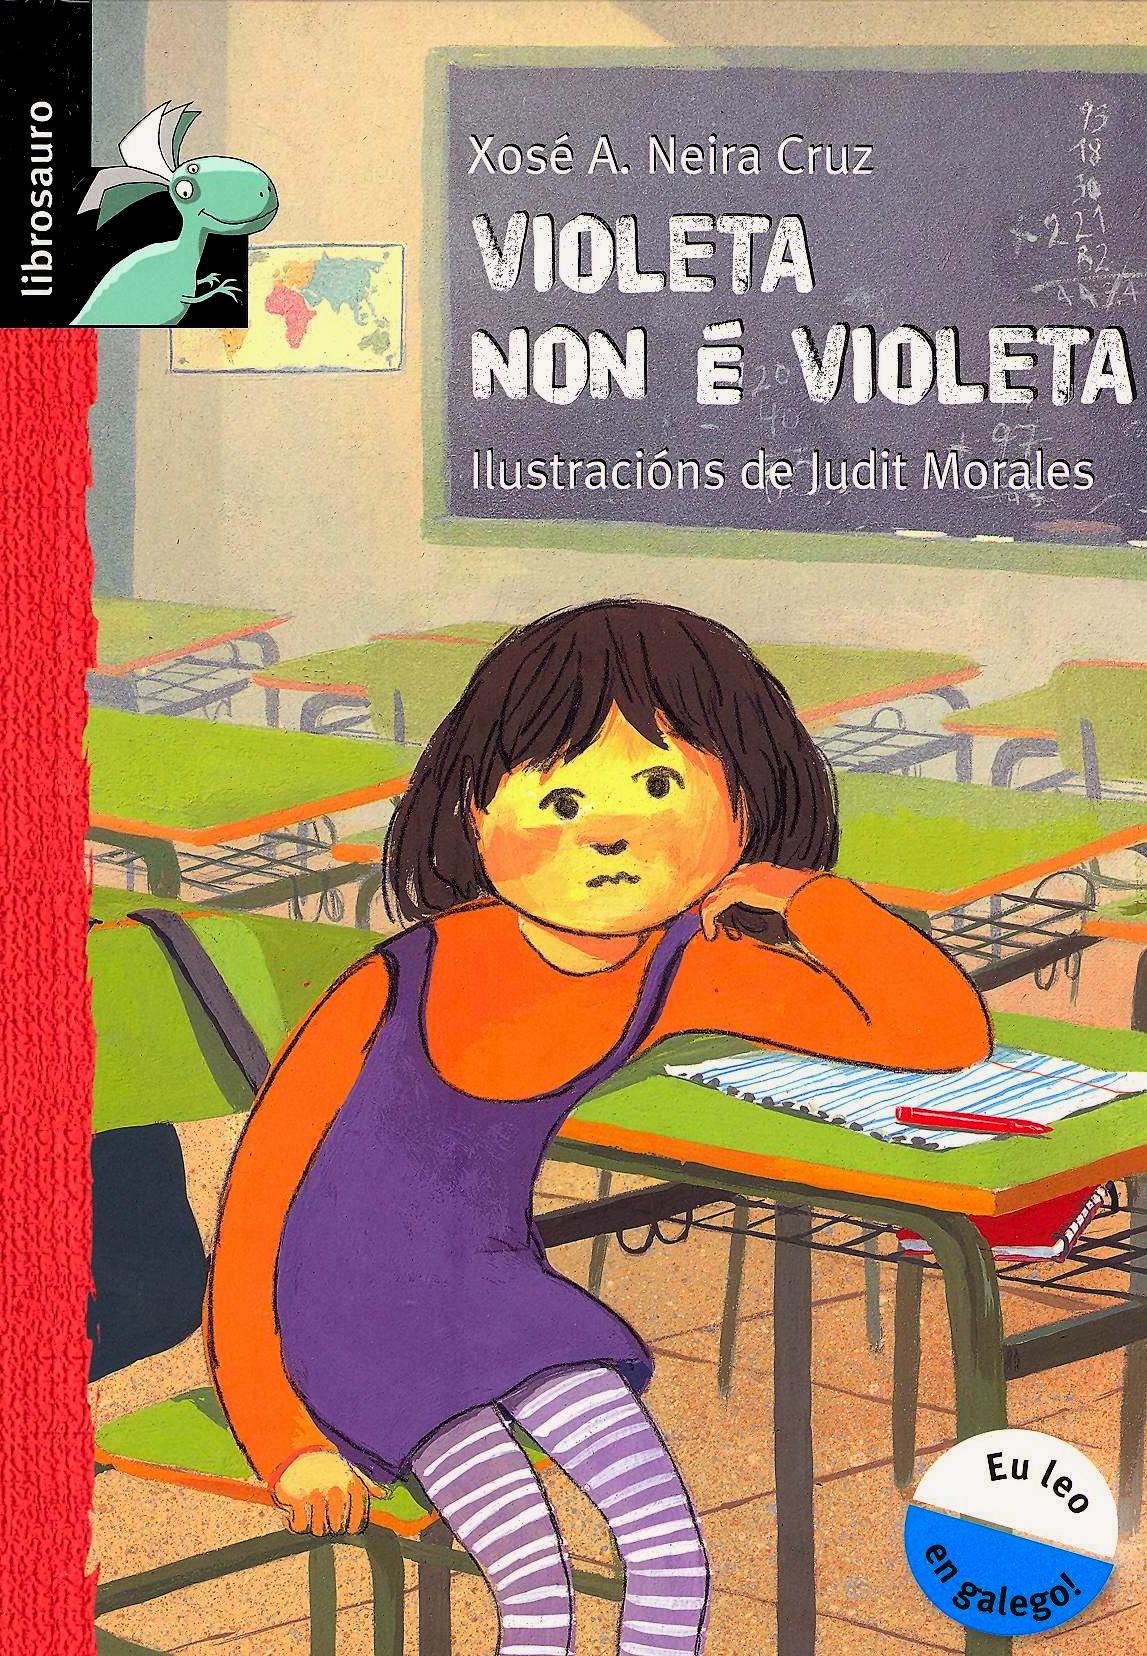 Violeta non é viole...